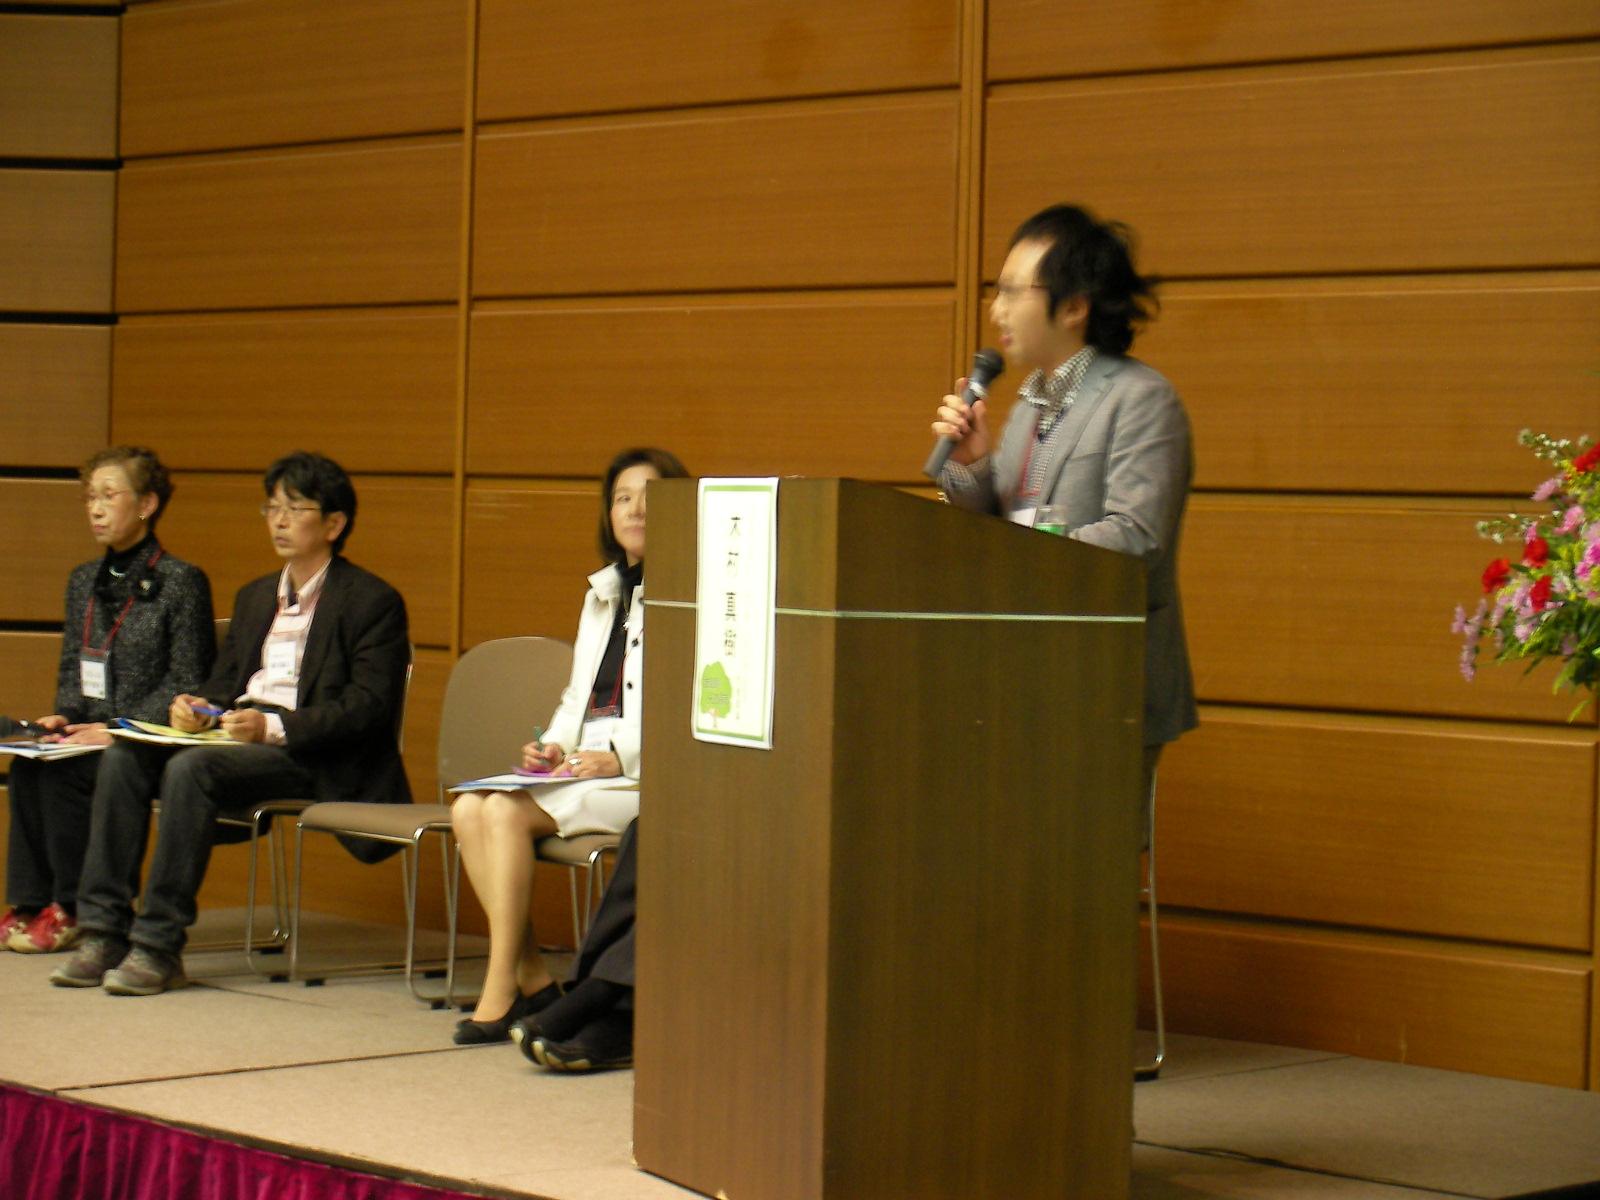 東海・北陸コミュニティビジネス推進協議会にブース出展しました。